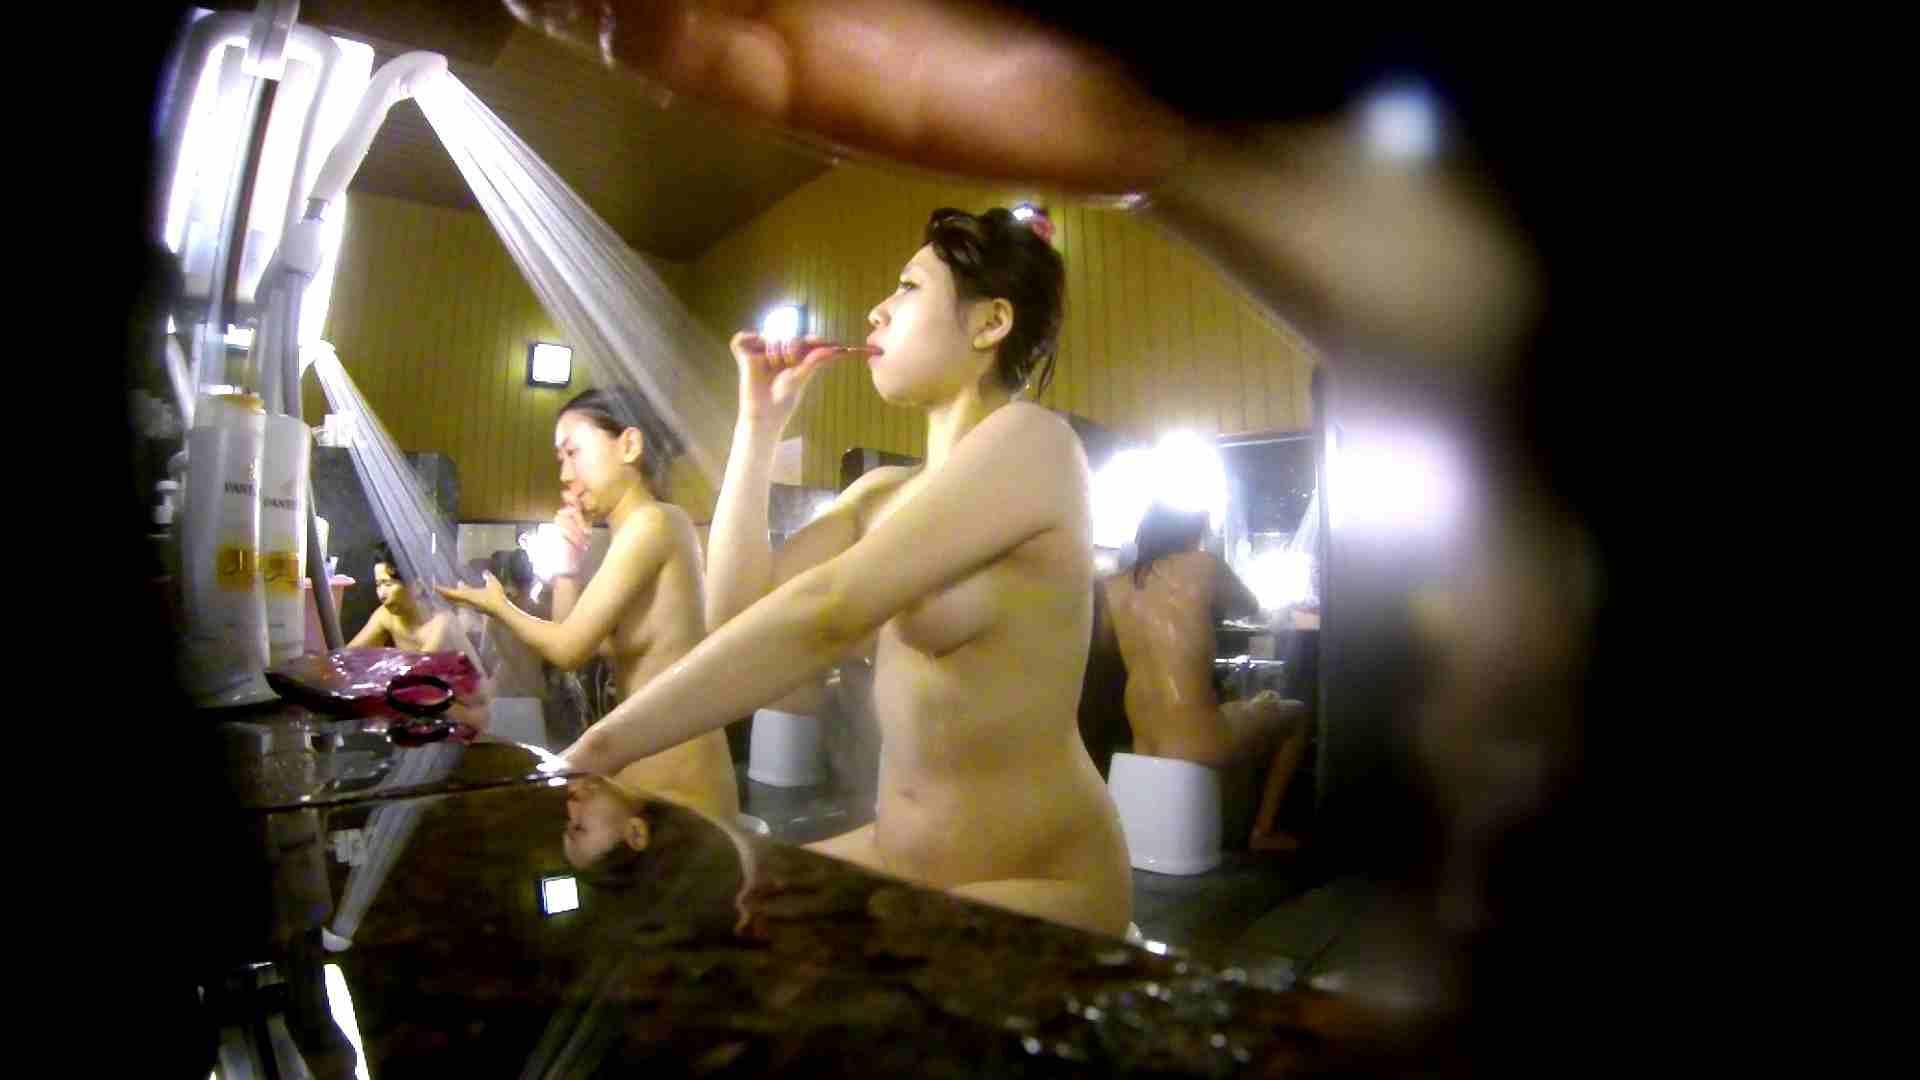 洗い場!柔らかそうな身体は良いけど、歯磨きが下品です。 銭湯着替え AV無料動画キャプチャ 107画像 5